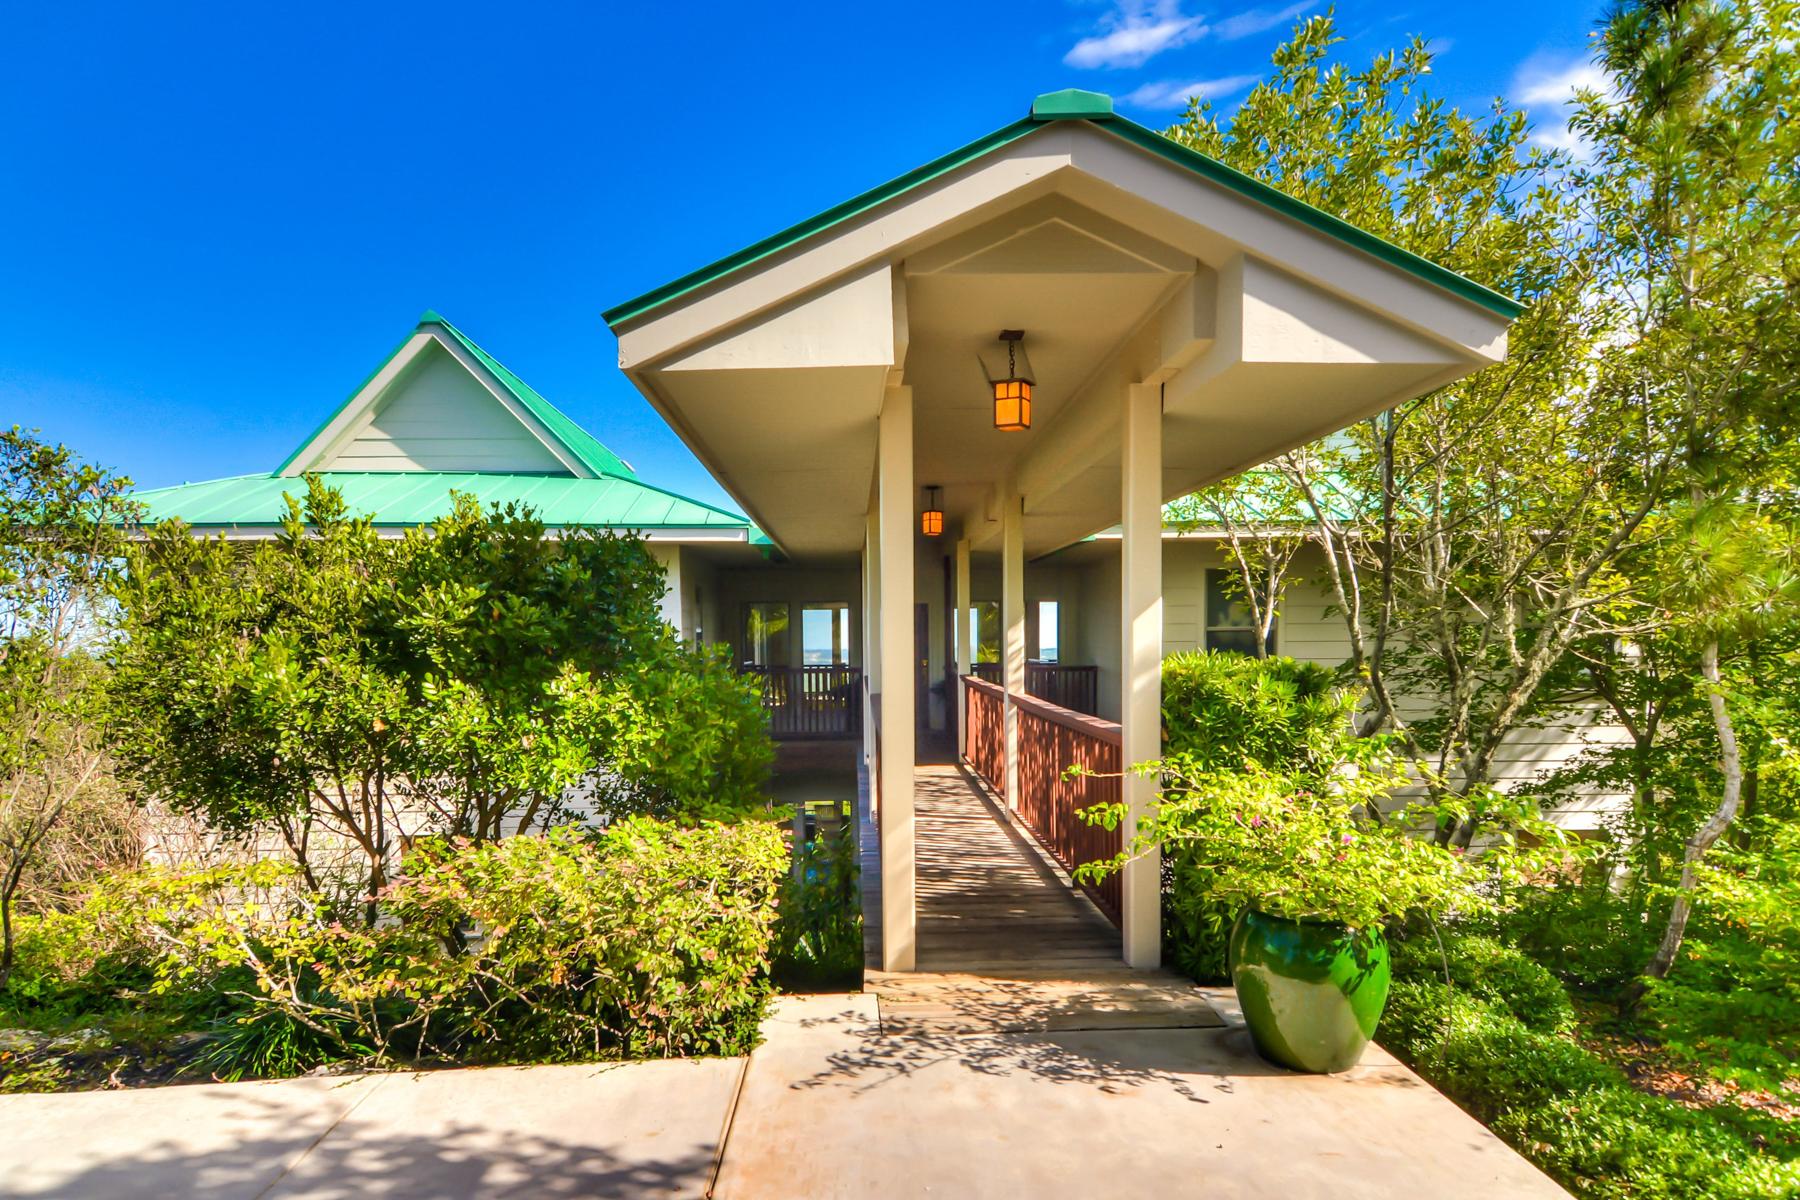 Casa Unifamiliar por un Venta en Custom Home in Boerne! 26714 Karsch Rd Boerne, Texas 78006 Estados Unidos